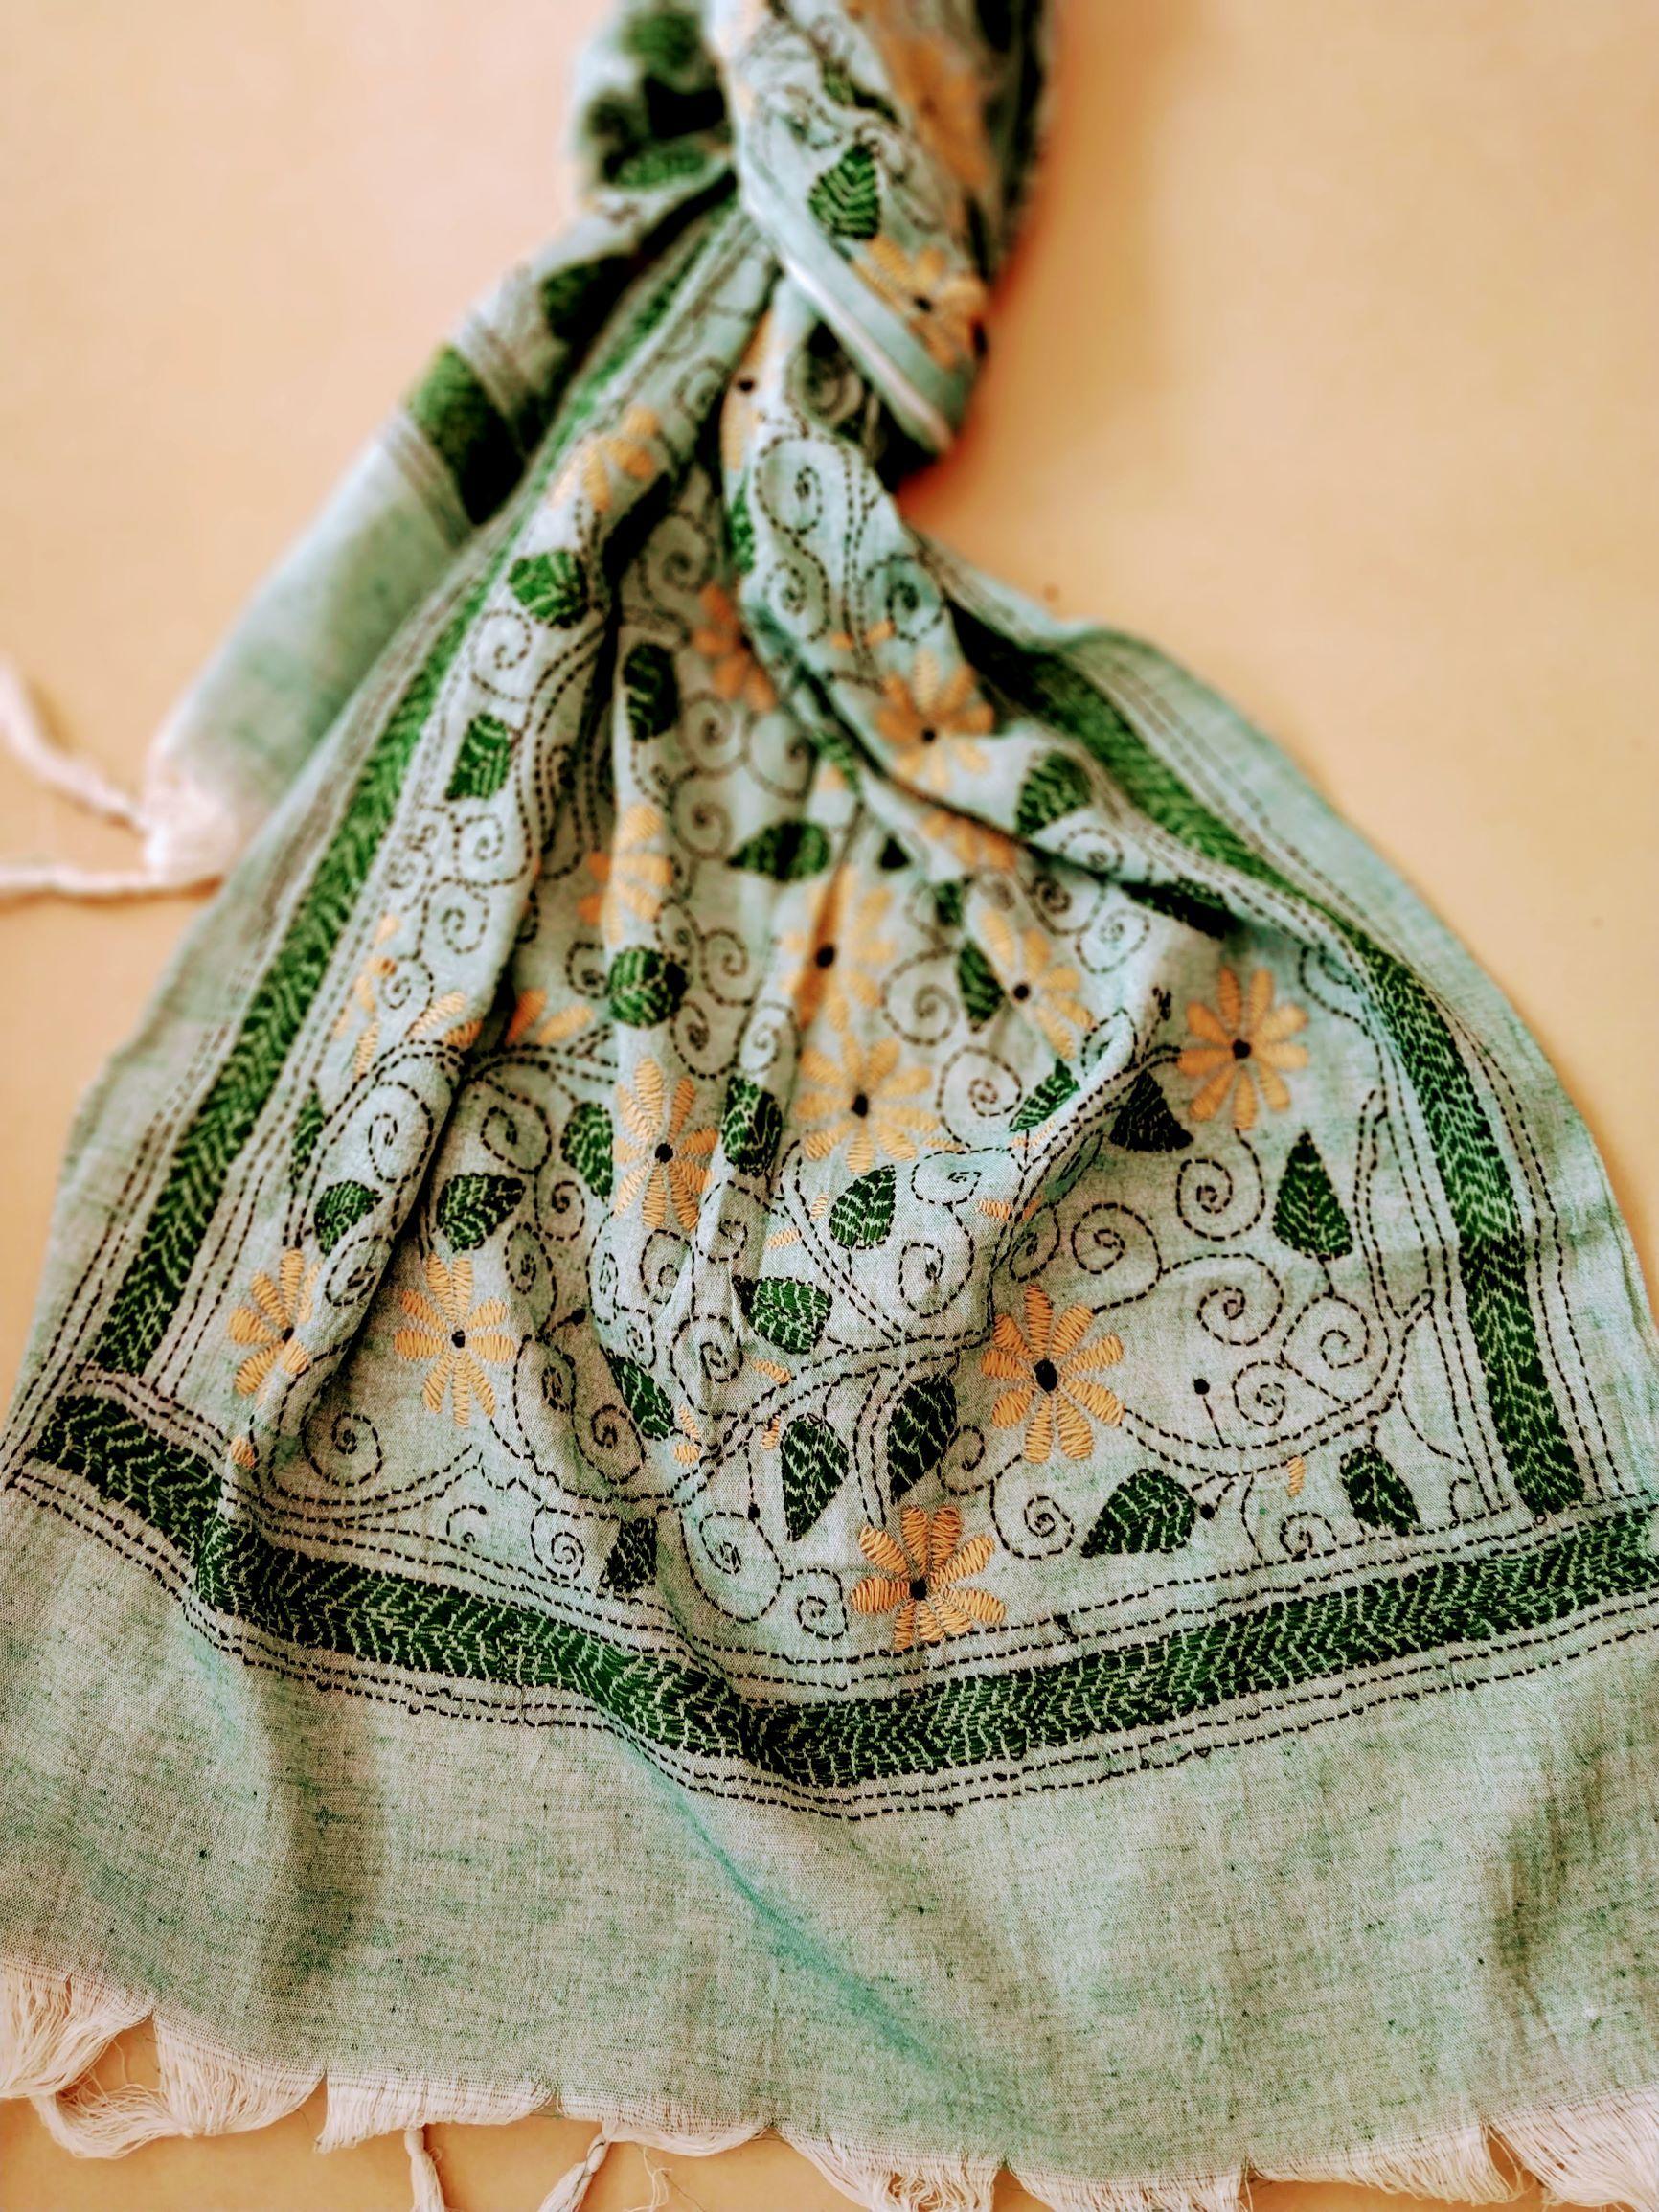 Handloom Silk Cotton Floral Kantha Stole